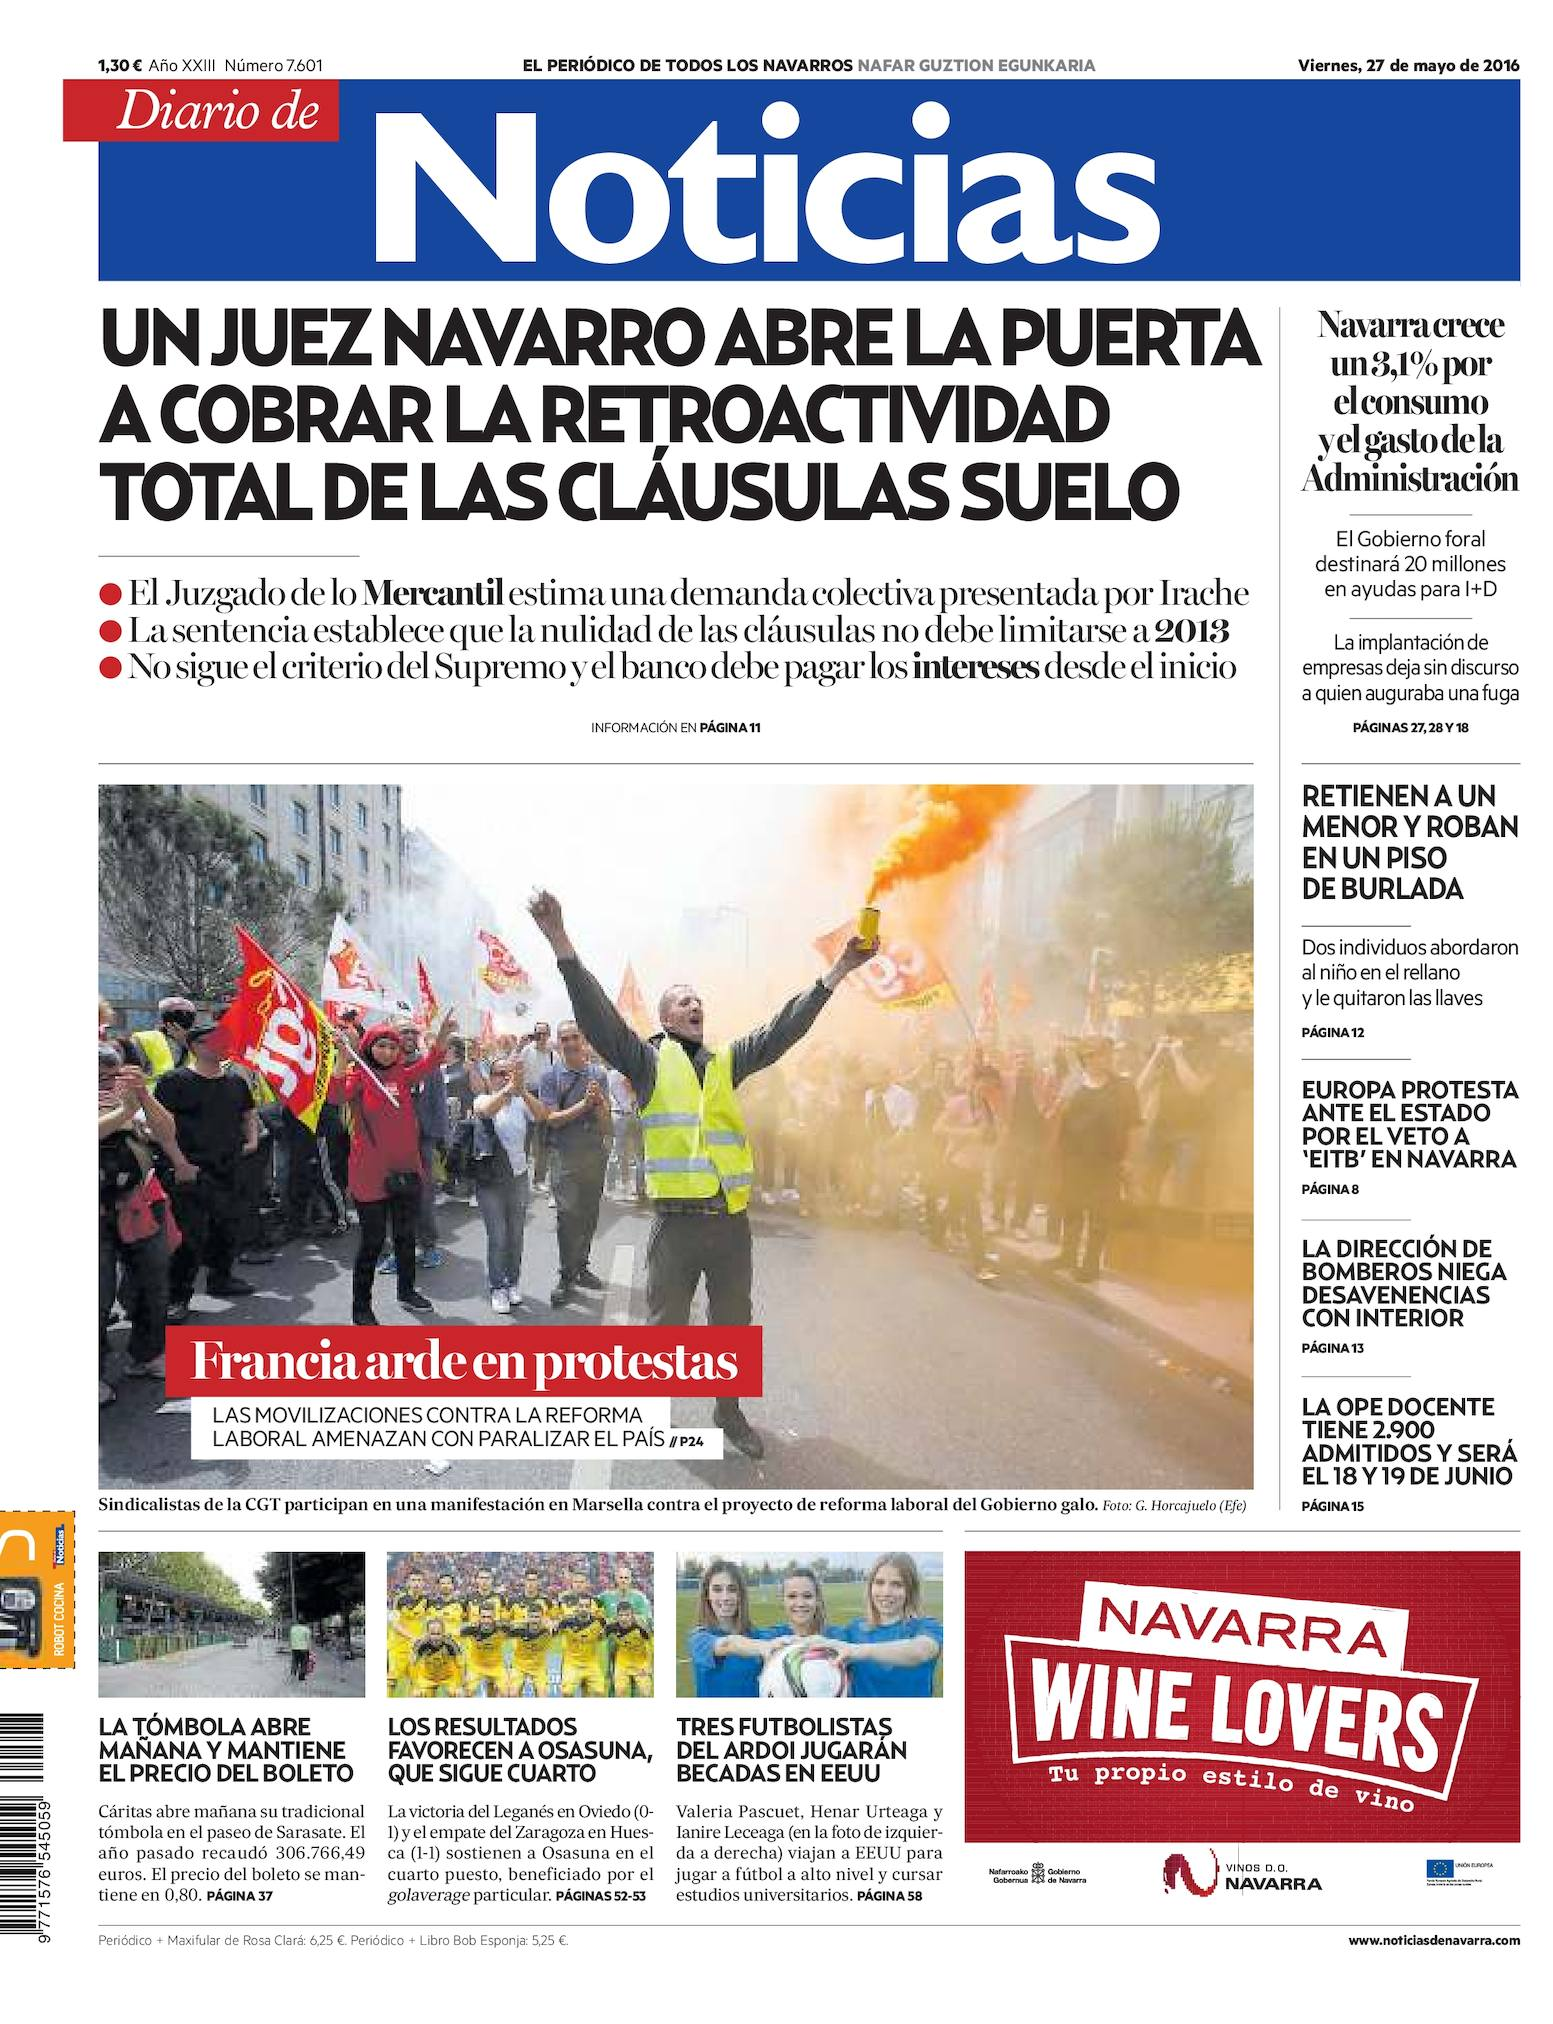 Calaméo - Diario de Noticias 20160527